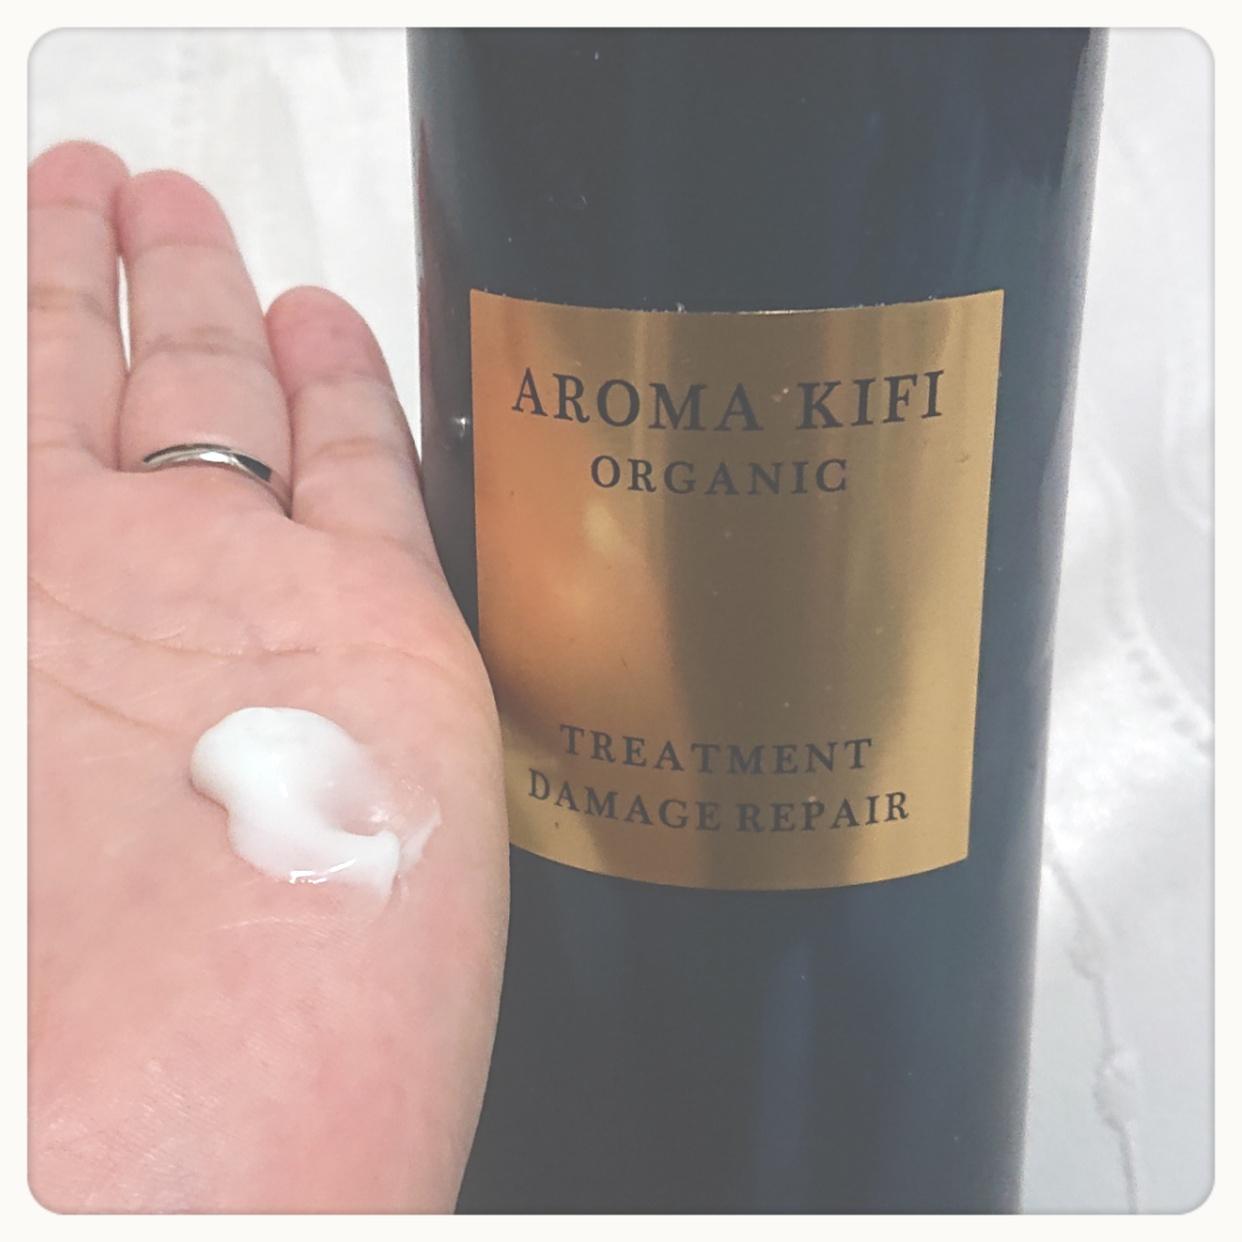 AROMA KIFI(アロマキフィ) オーガニック トリートメント<ダメージリペア>を使ったnakoさんのクチコミ画像2